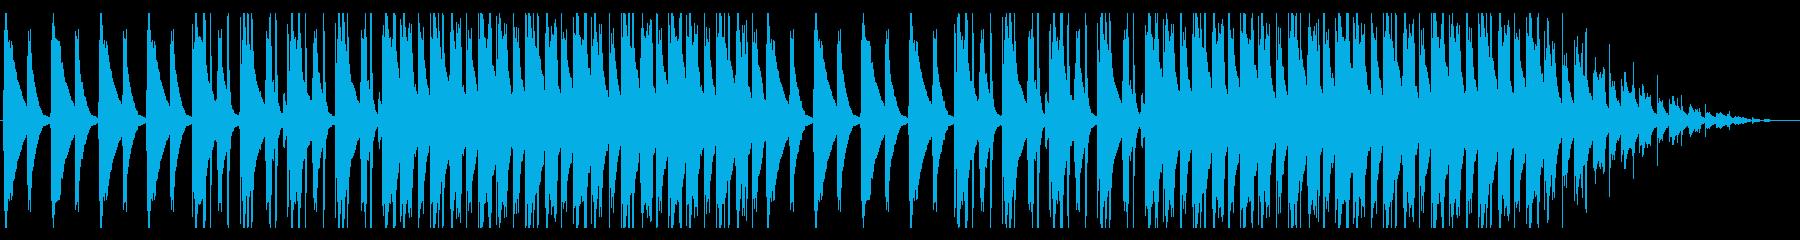 ラフで寂れた雰囲気のHIPHOPの再生済みの波形